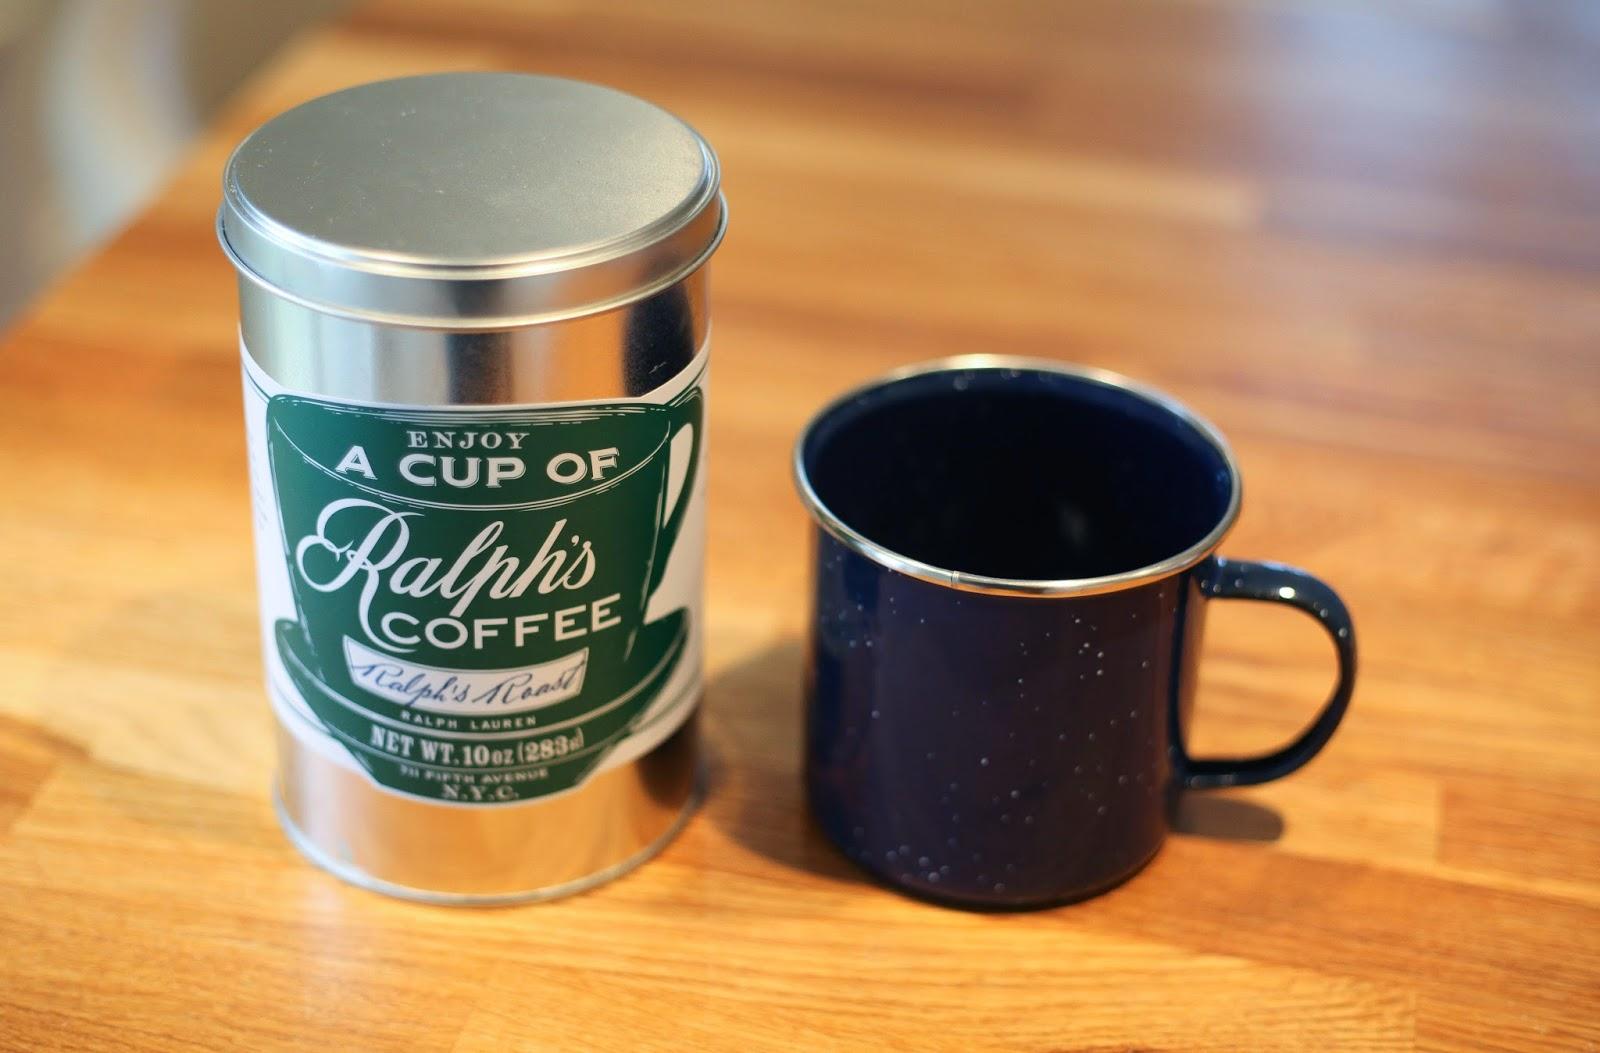 Ralph Lauren coffee